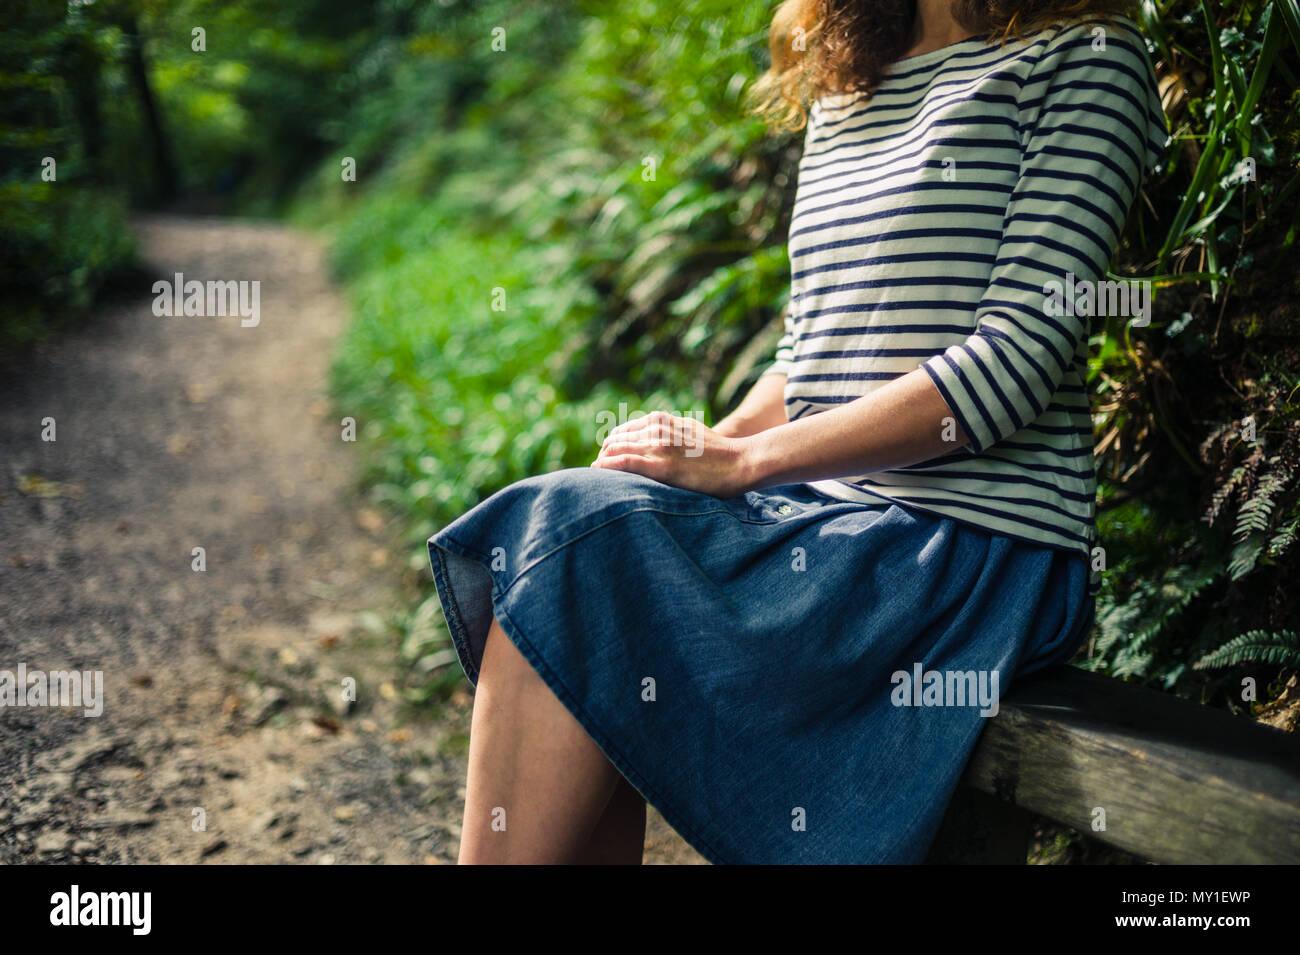 Una giovane donna è seduta e appoggiata su un banco nella foresta Immagini Stock